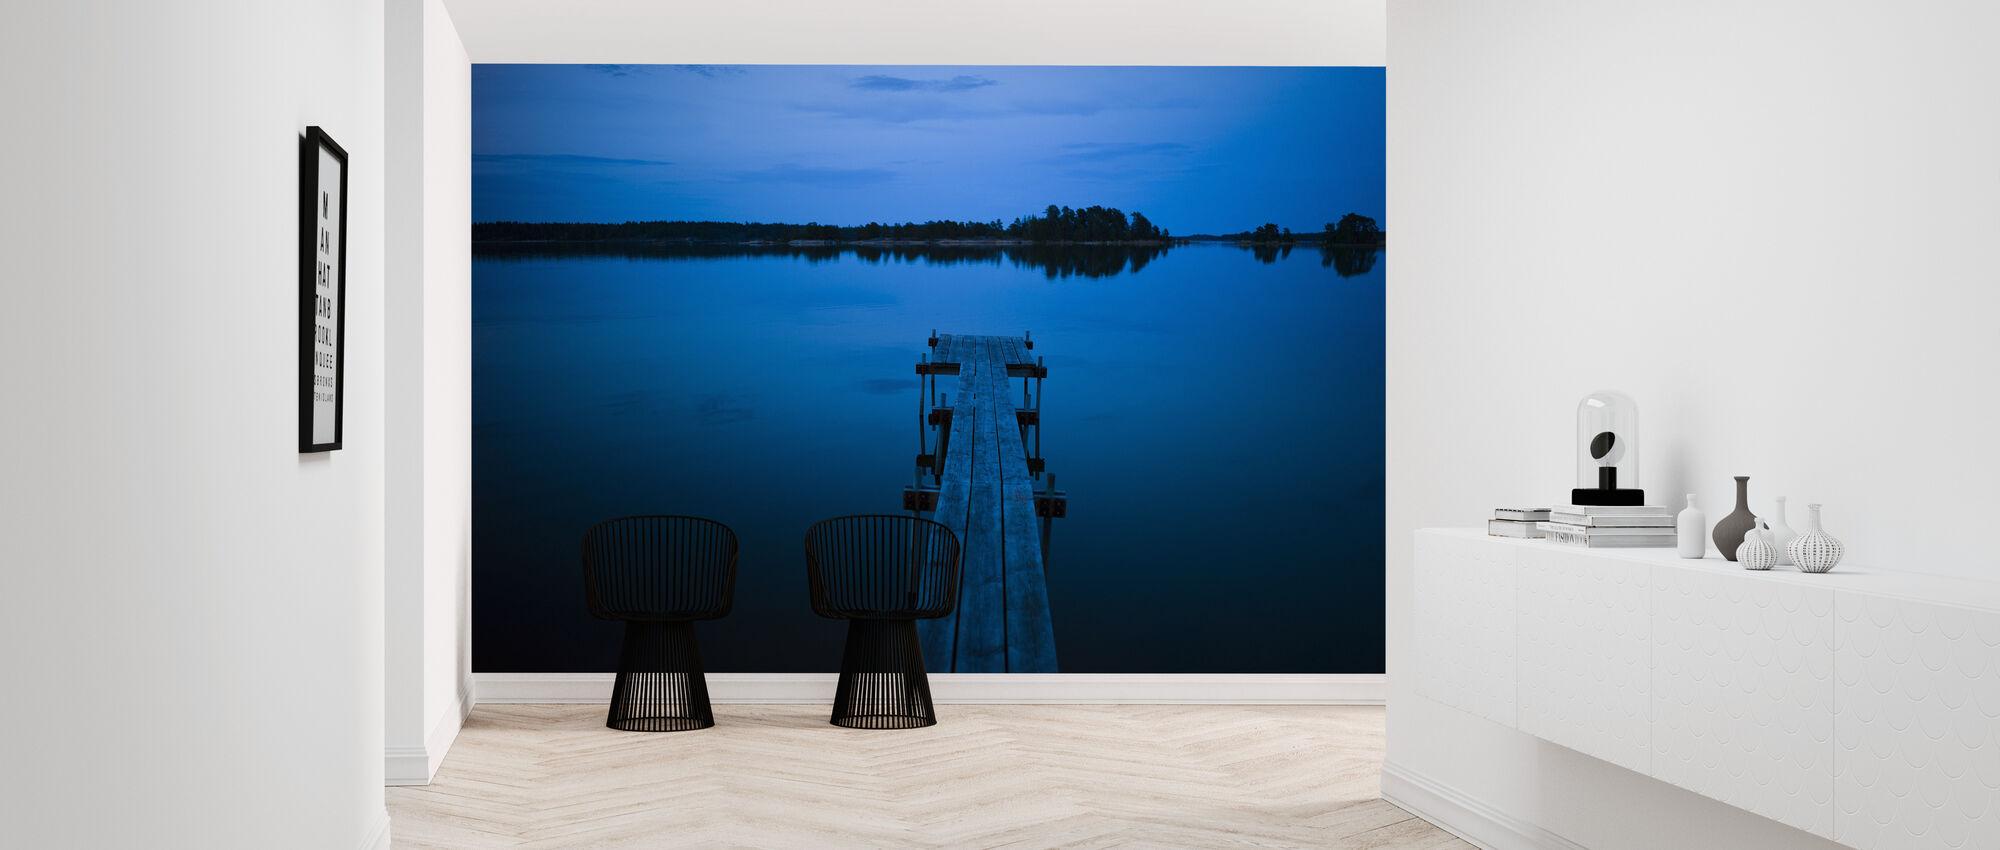 Puinen laituri iltahämärässä, Ruotsi - Tapetti - Aula